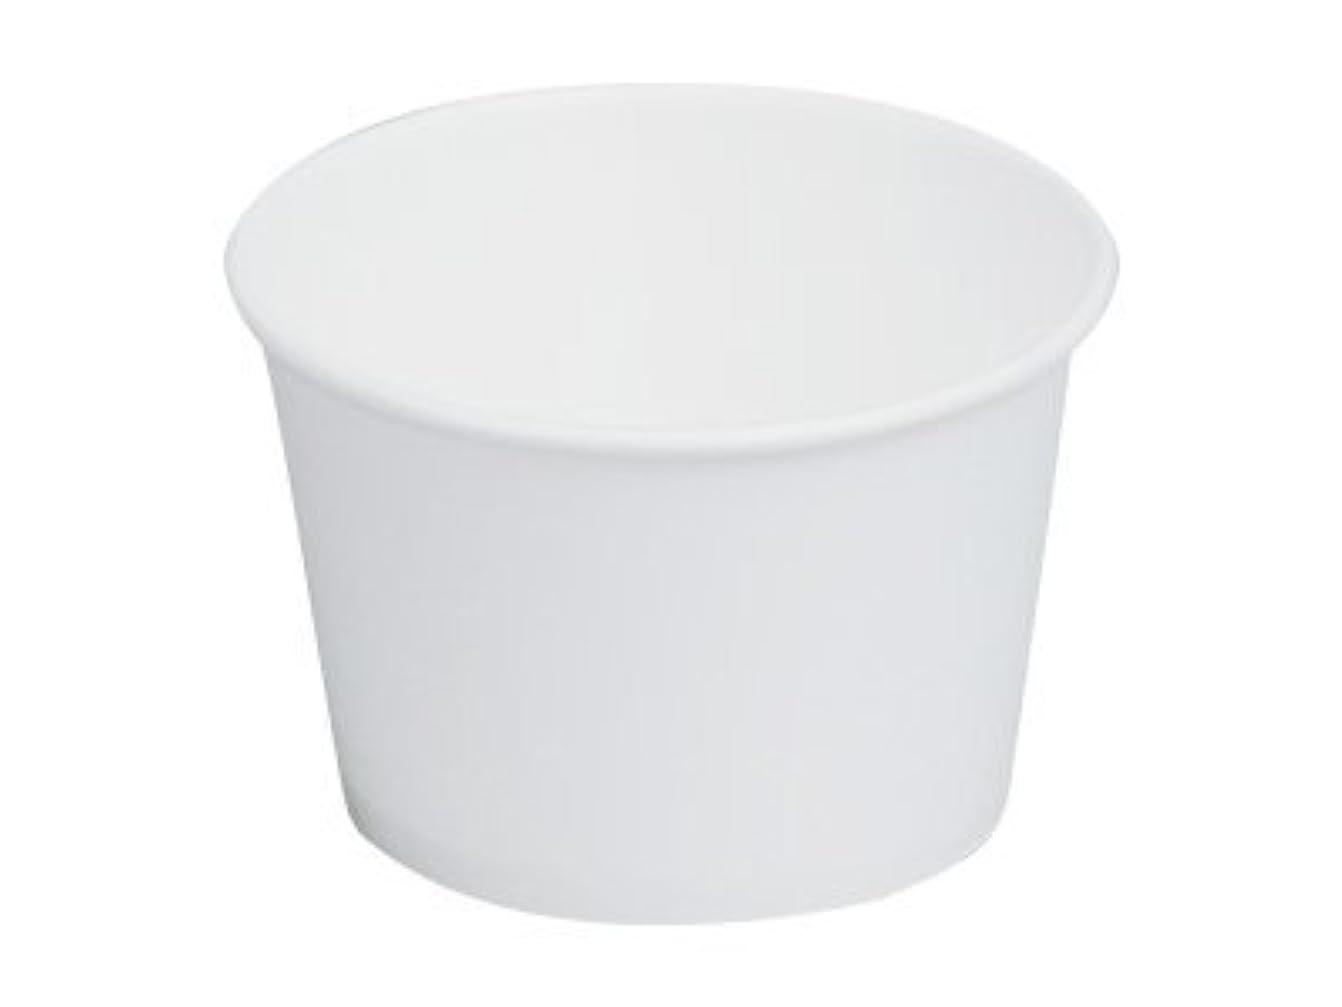 過度にお嬢ミニチュア紙カップ KM95-270 本体 白 使い捨て